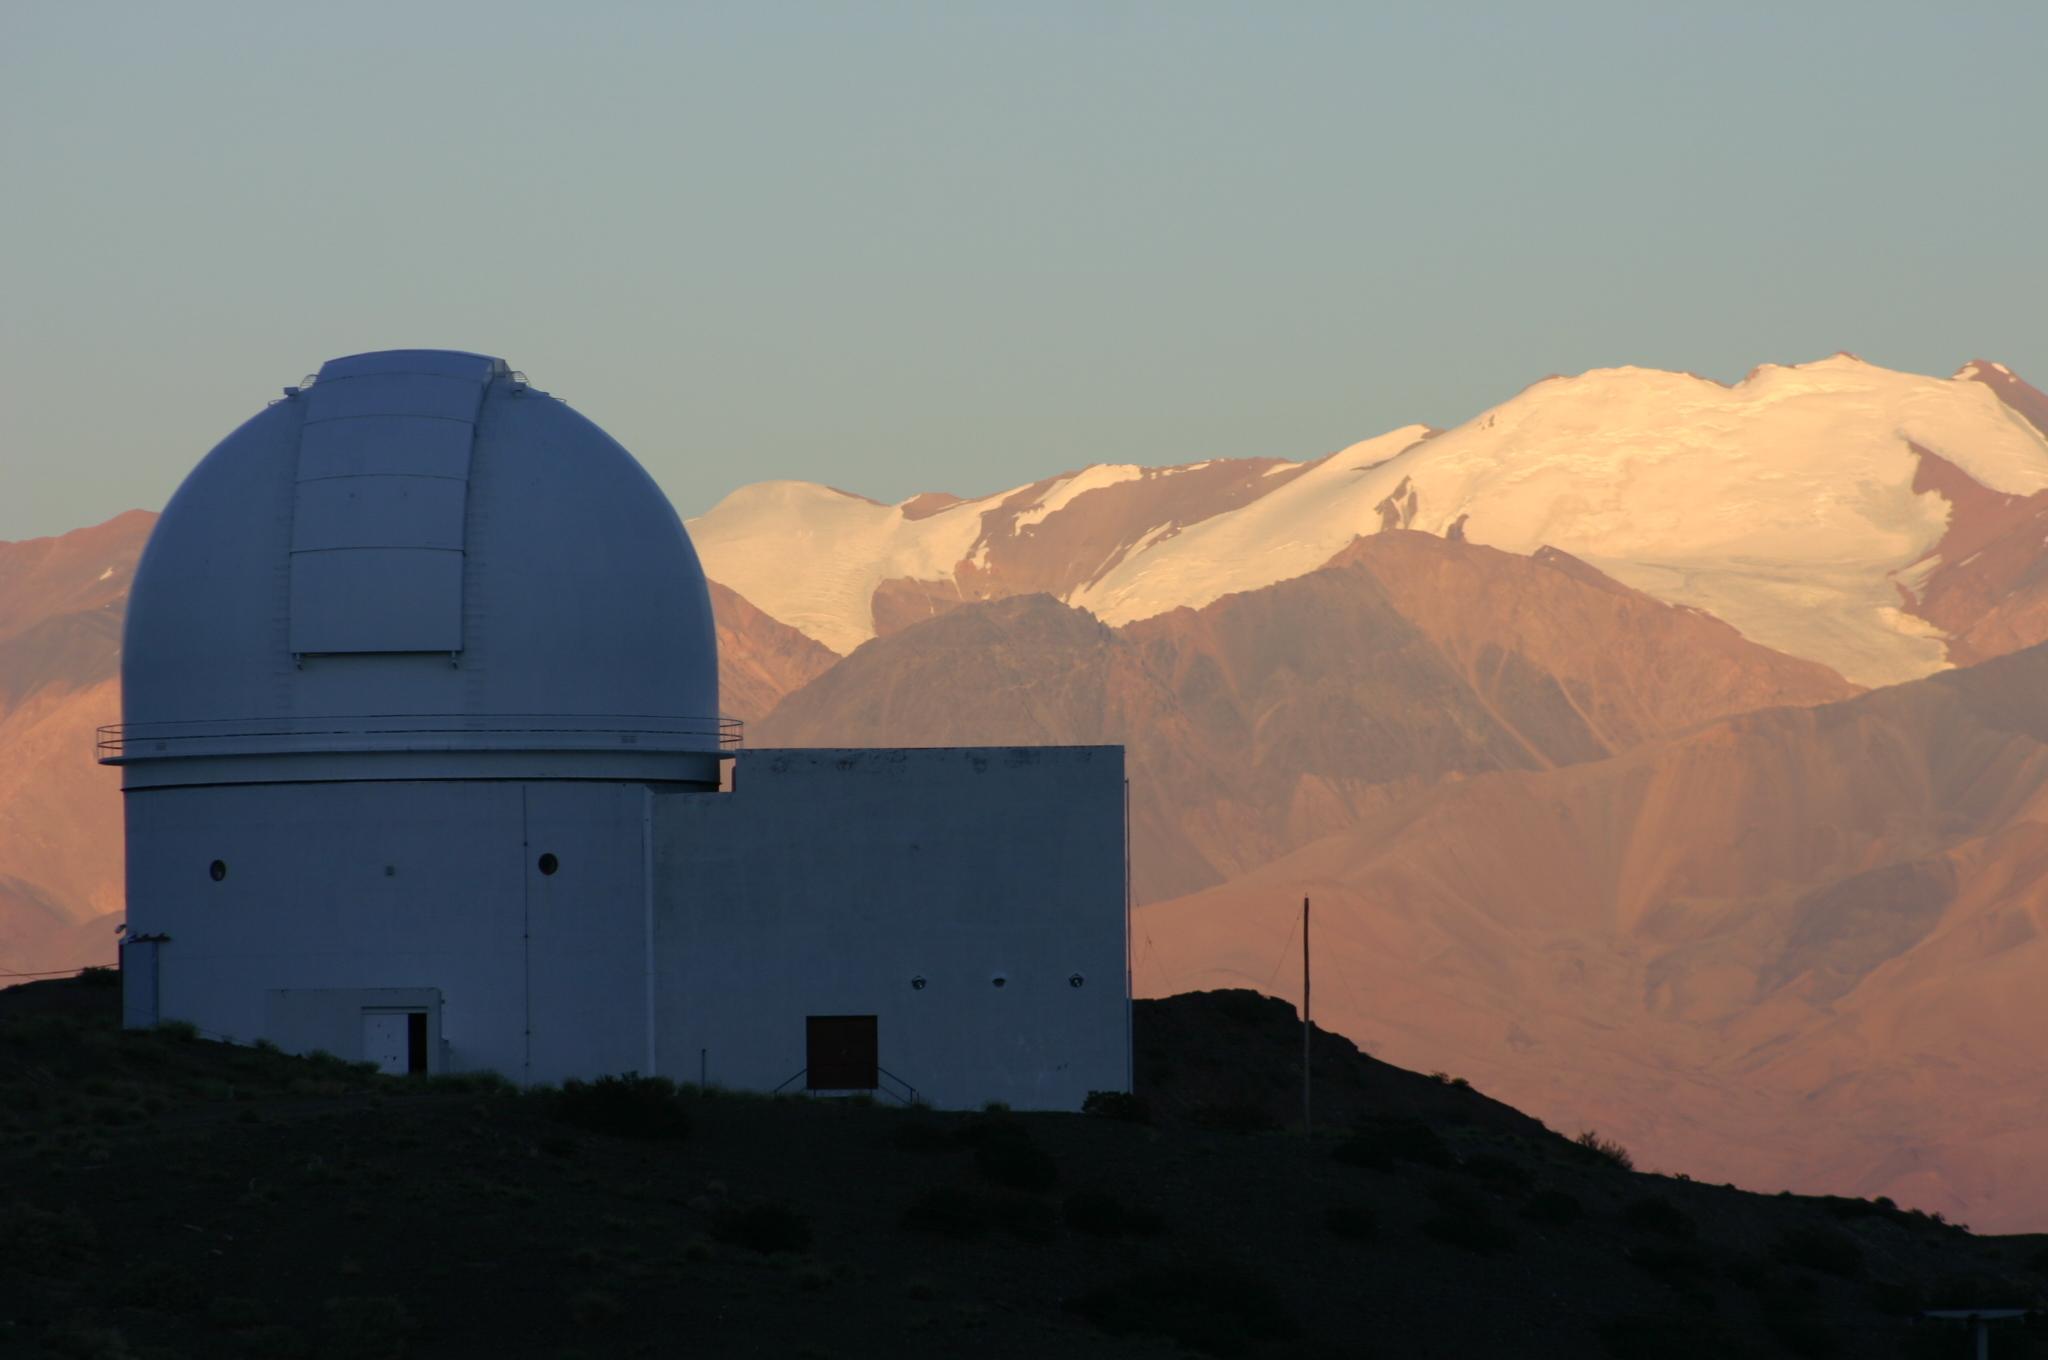 Complexe astronomique el Leoncito. Crédit Complejo Astronómico El Leoncito (CASLEO) CONICET